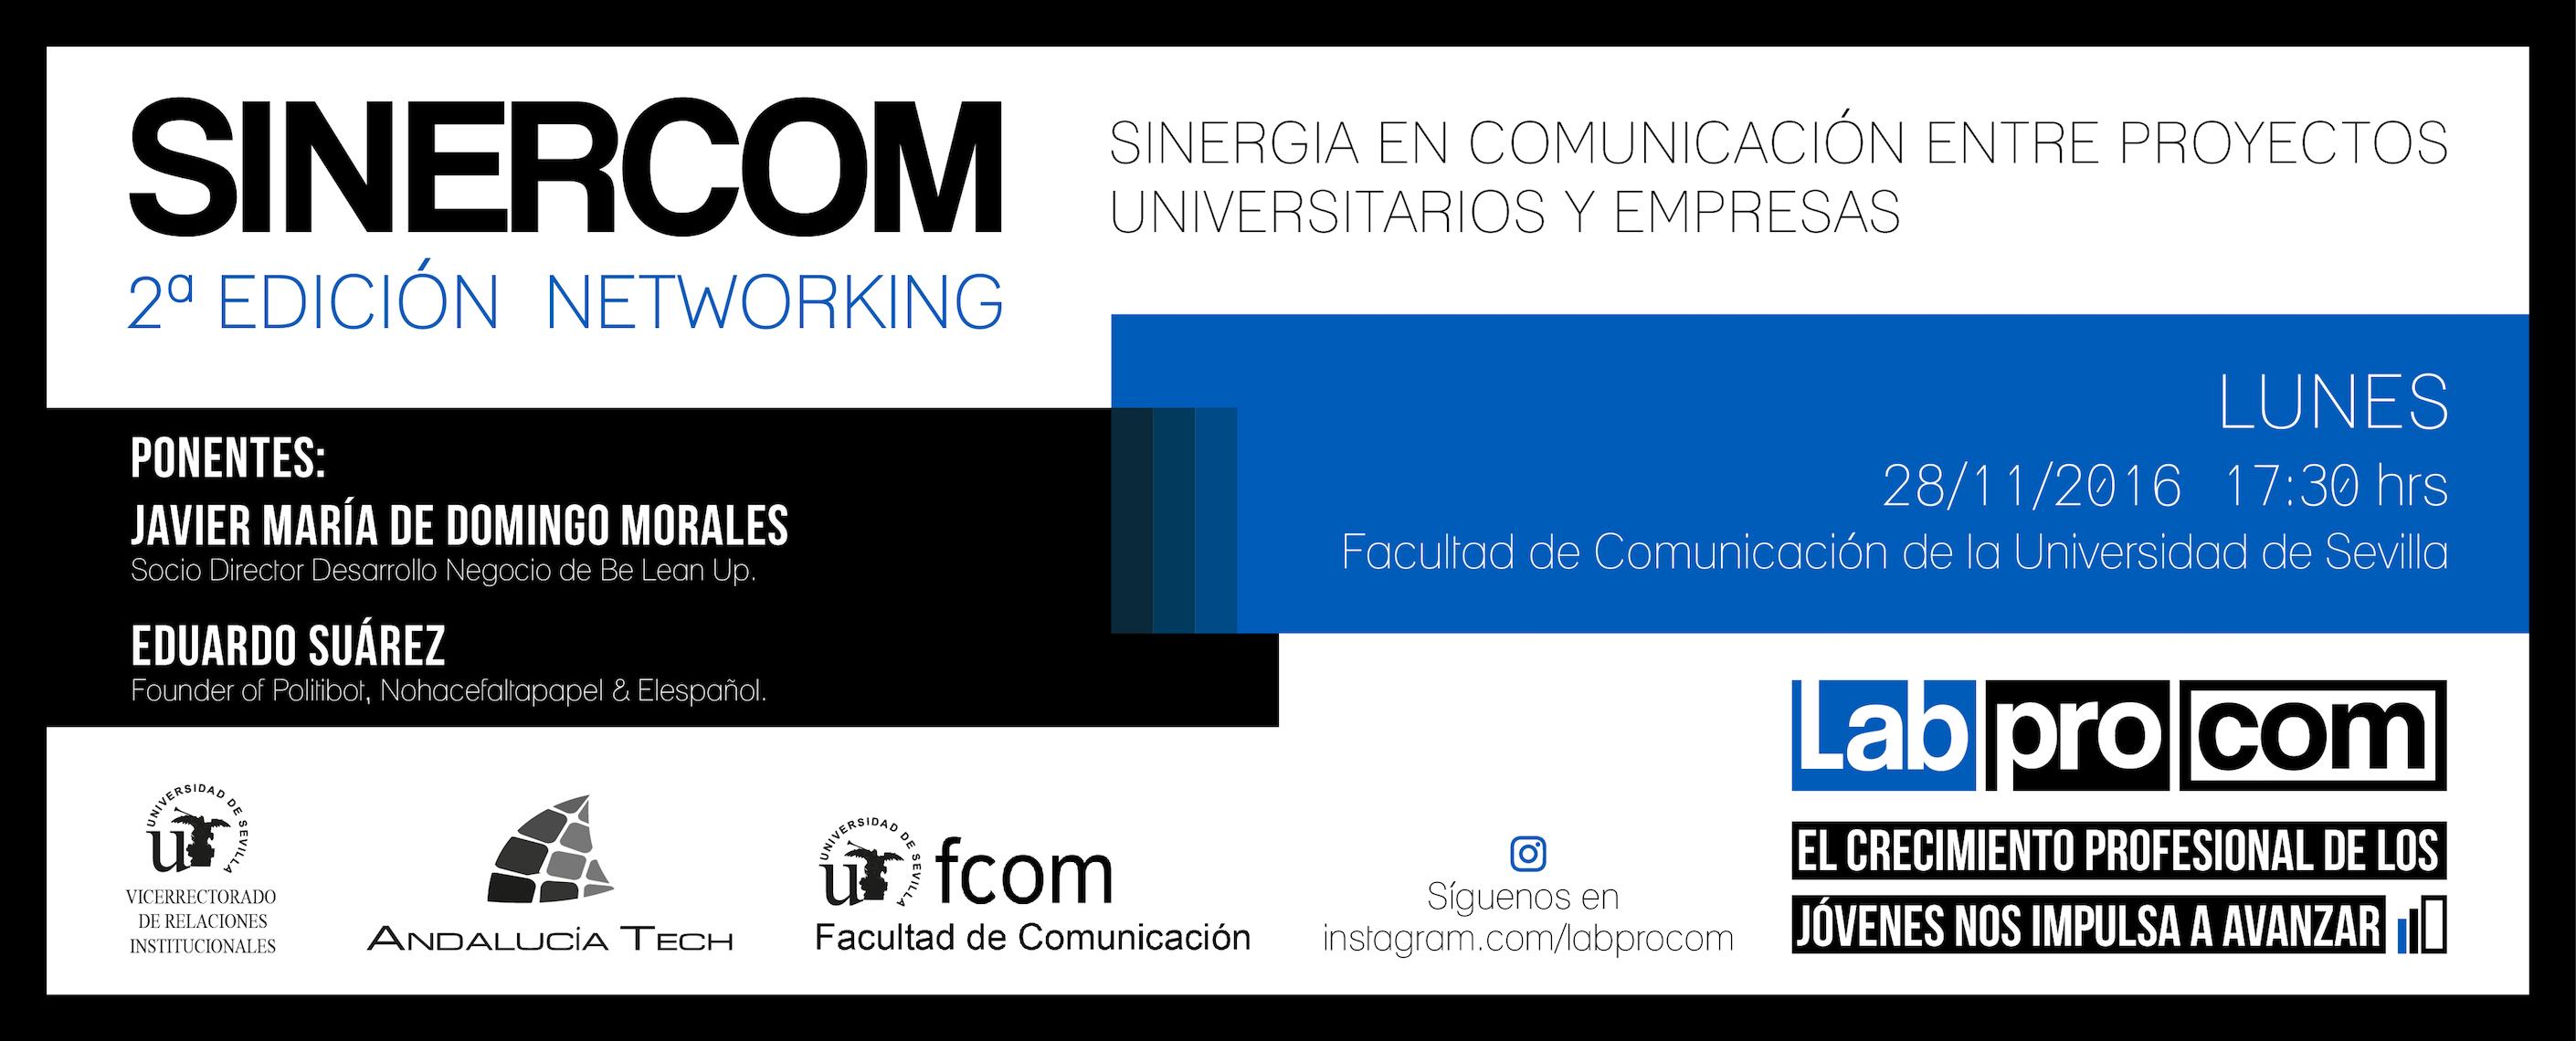 Sinercom, 2ª edición. Networking de sinergia en comunicación entre proyectos universitarios y empresas